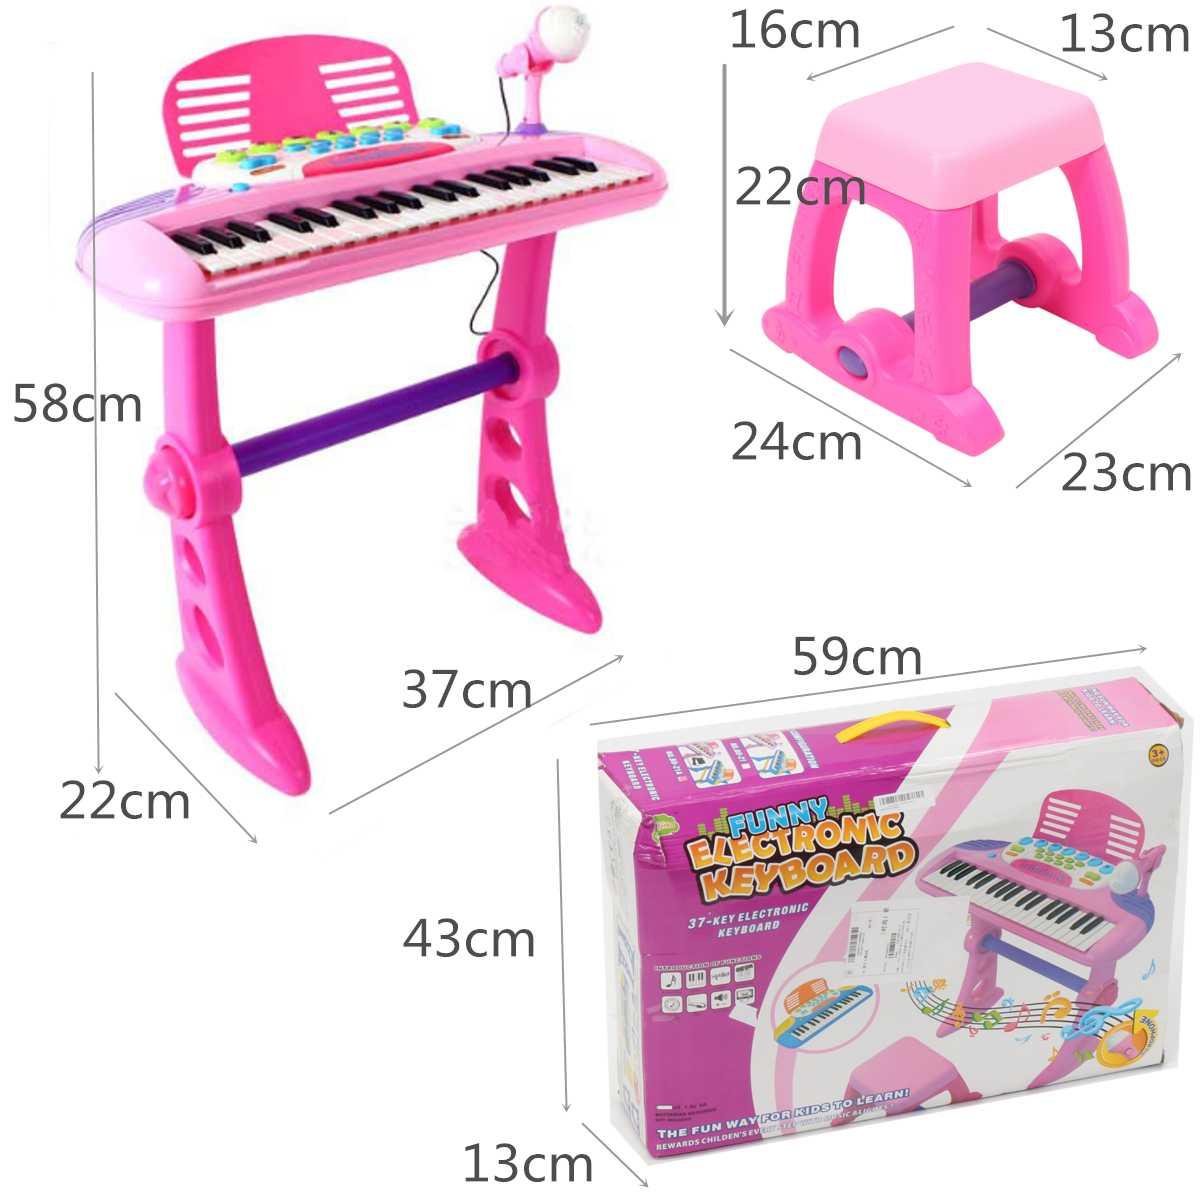 Rose 37 clés enfants clavier électronique Piano orgue jouet Microphone musique jouer enfants jouet éducatif cadeau pour enfants - 4